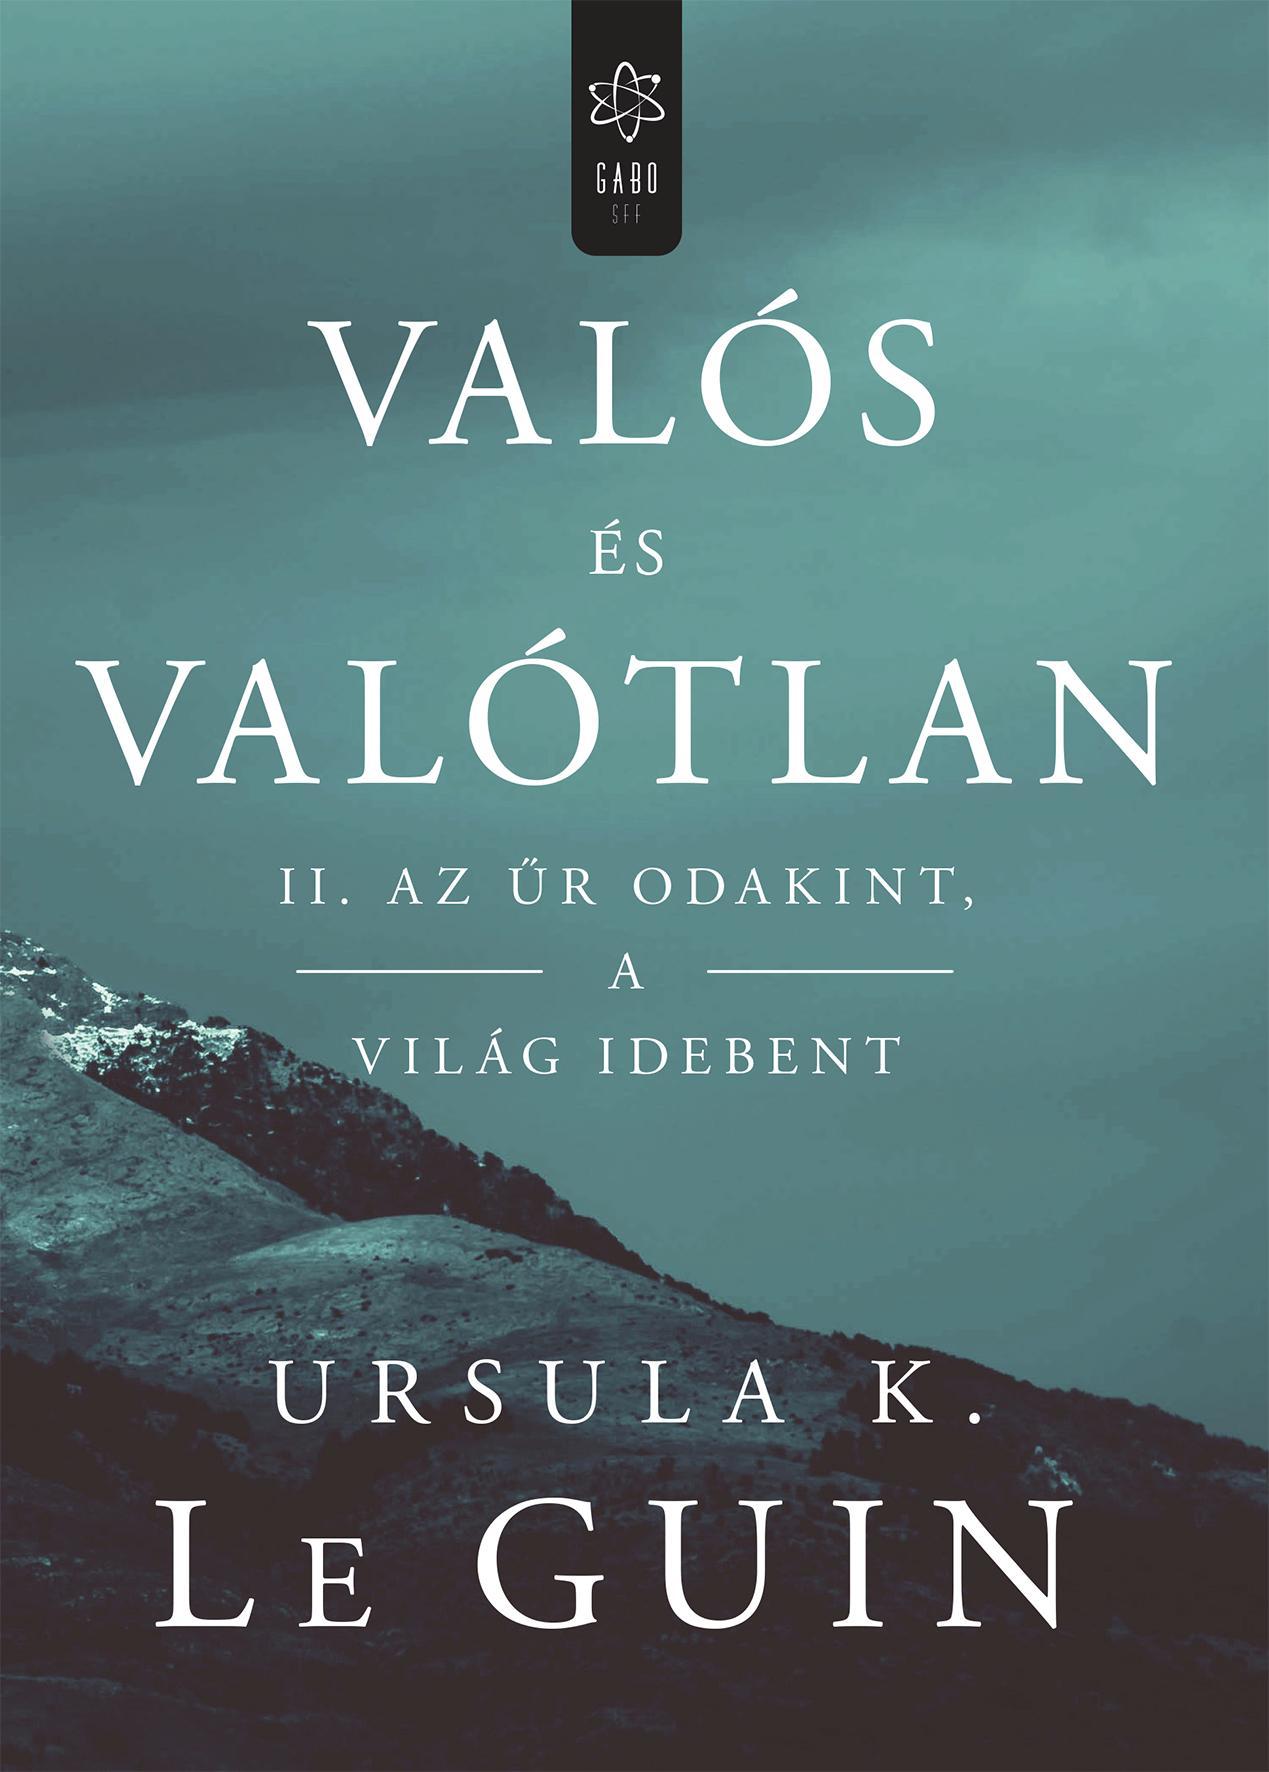 LE GUIN, URSULA K. - VALÓS ÉS VALÓTLAN II. - AZ ŰR ODAKINT, A VILÁG IDEBENT